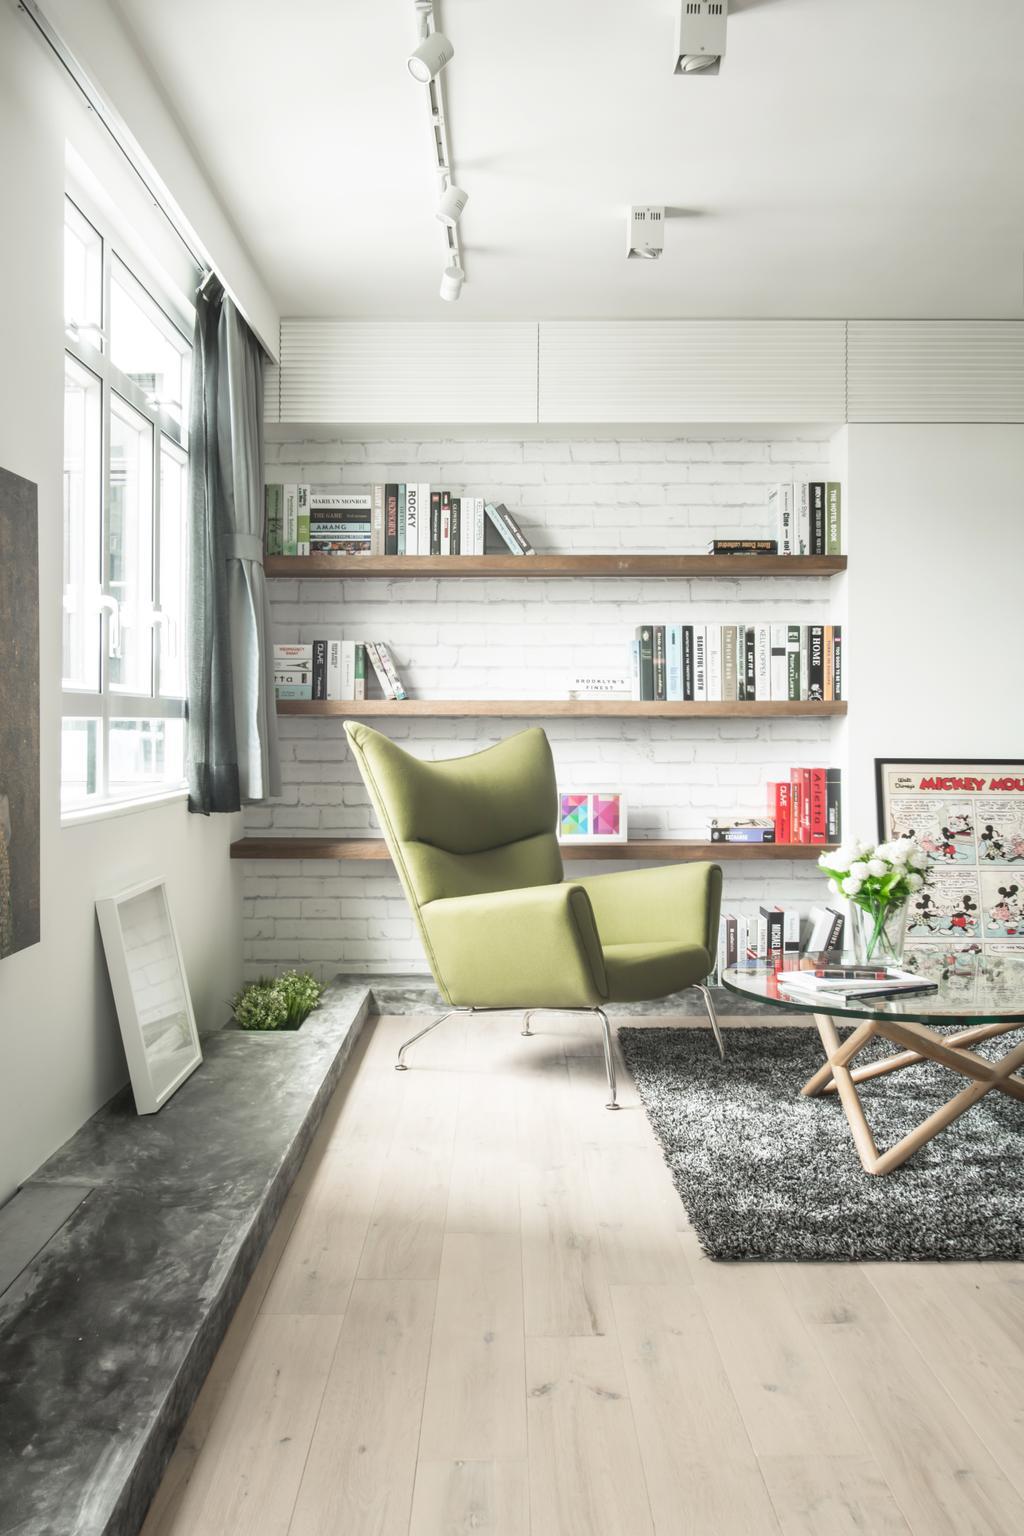 北歐, 私家樓, 客廳, HFC3, 室內設計師, in Him's Interior Design, Couch, Furniture, Chair, Flora, Jar, Plant, Potted Plant, Pottery, Vase, Indoors, Interior Design, Room